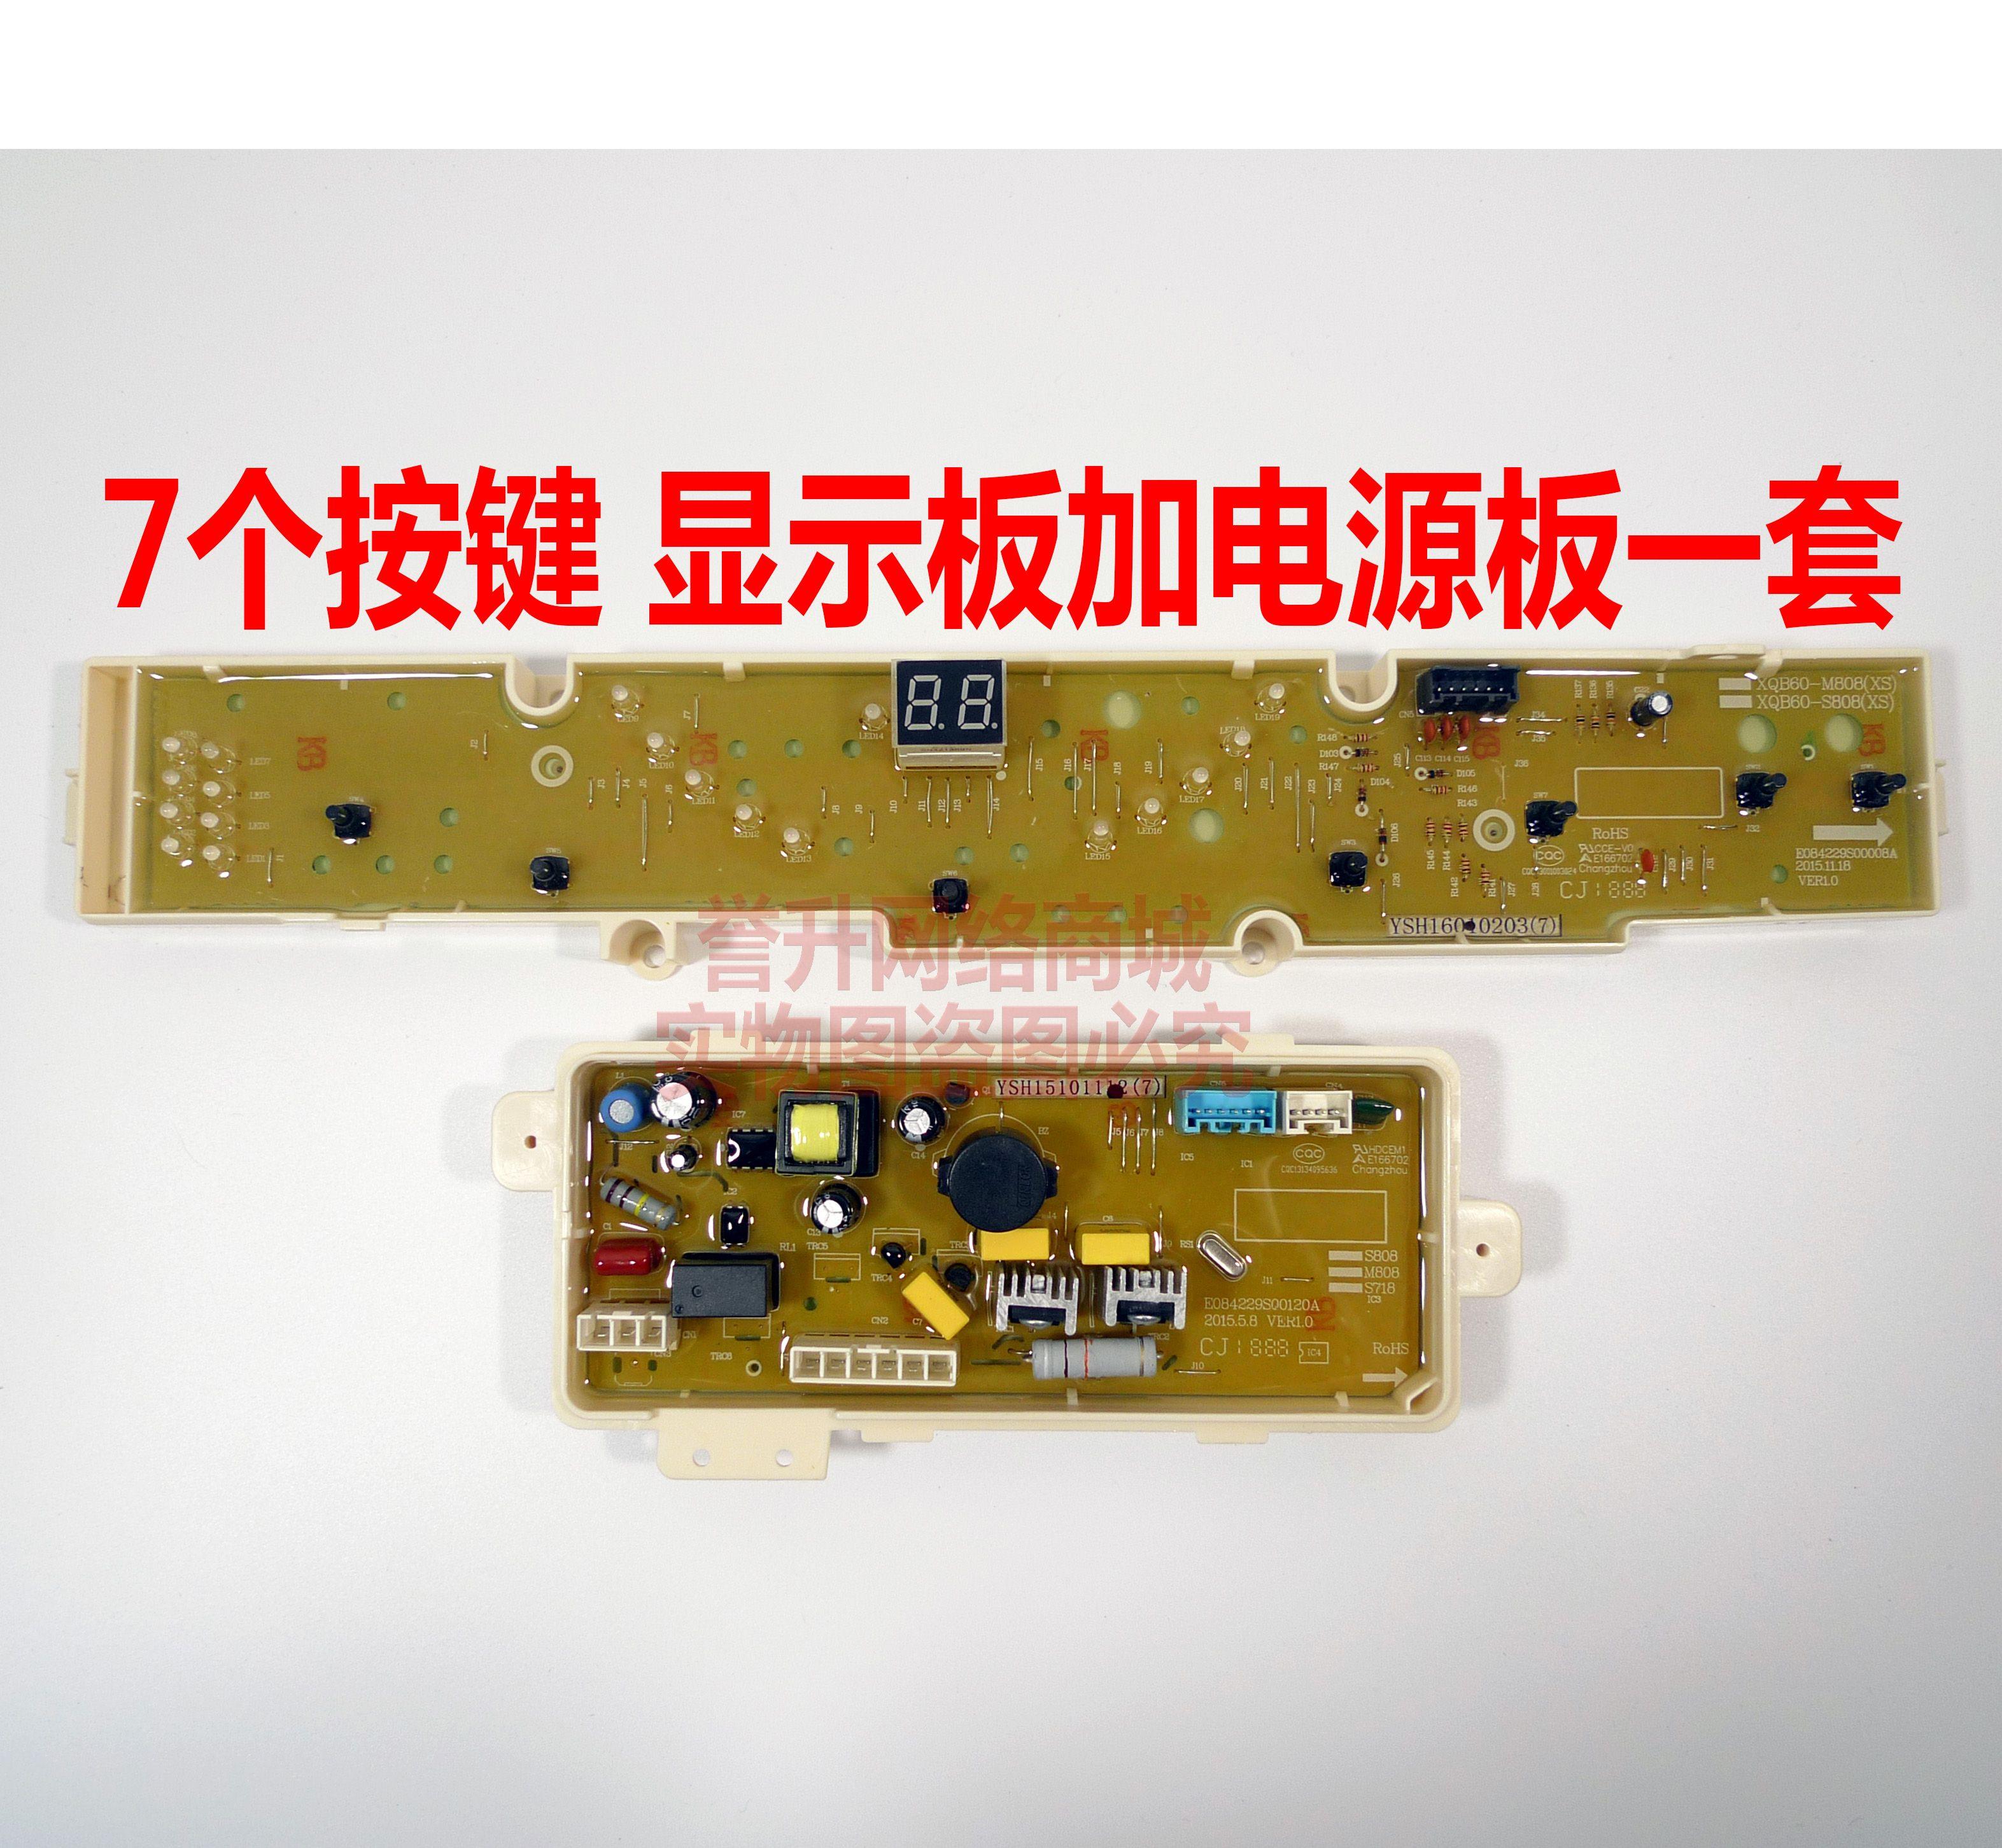 原装三洋洗衣机电脑板xqb60-m808n s808n主电源板操作控制显示板